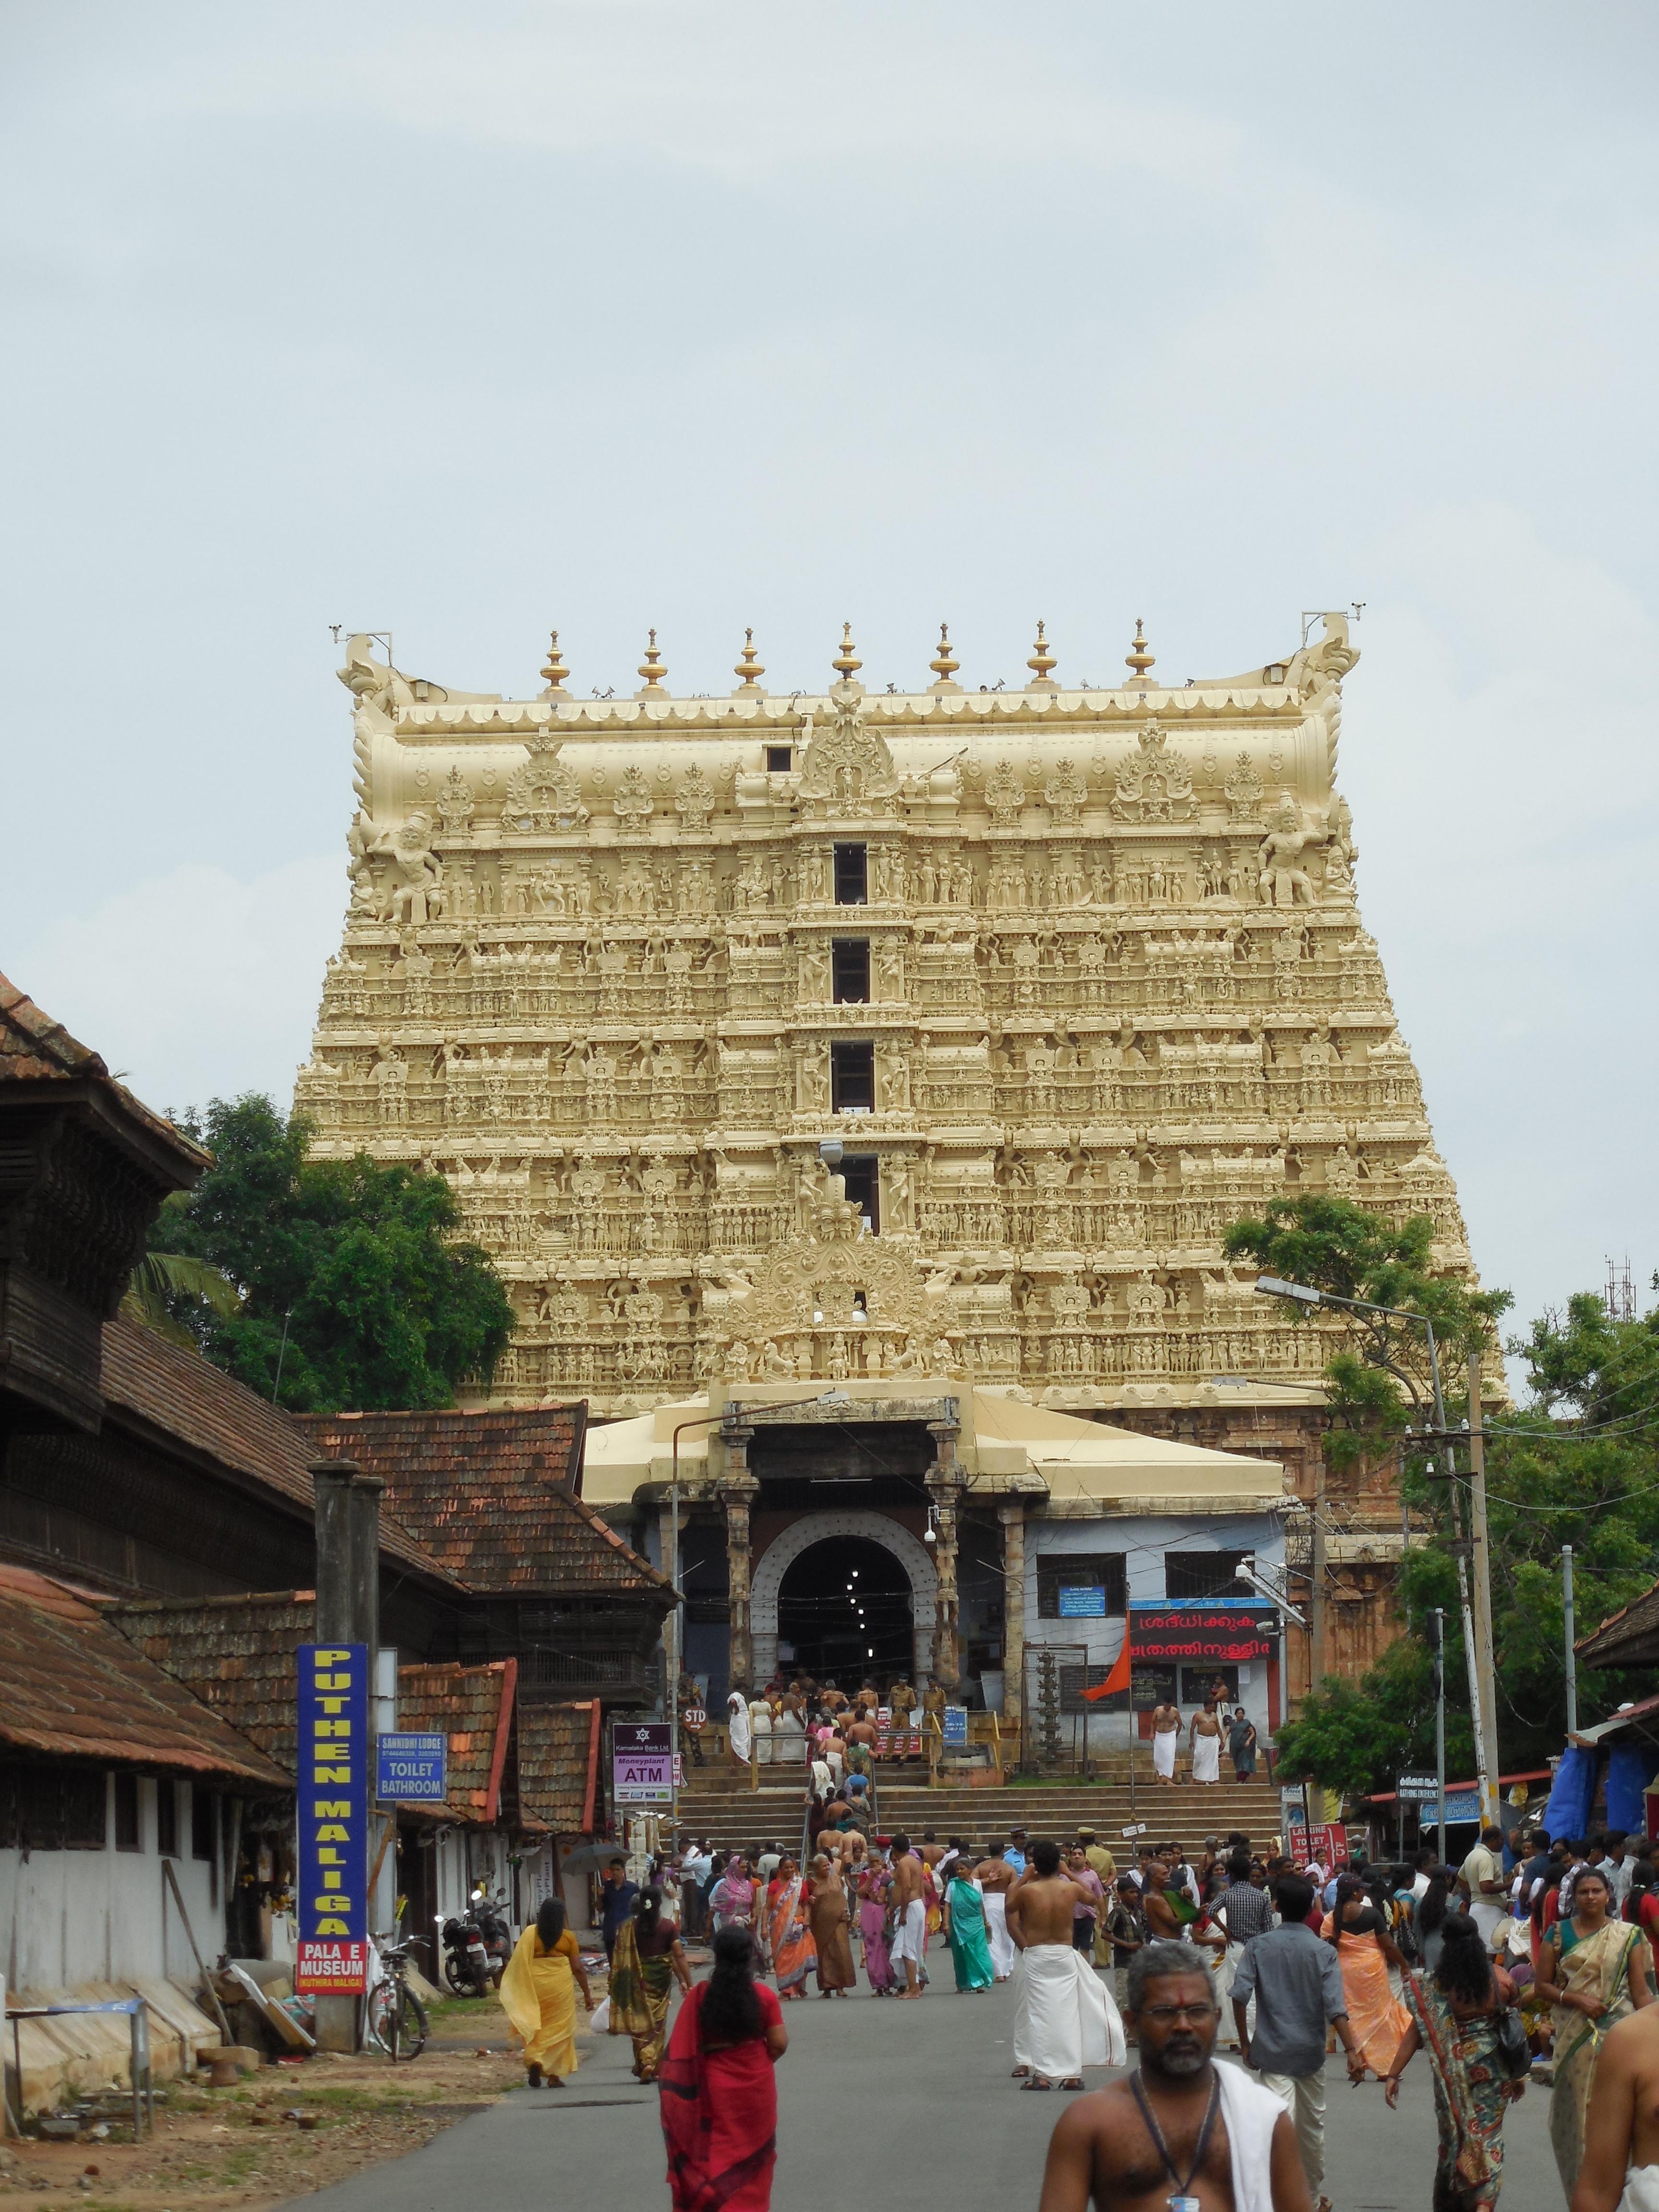 Thiruvananthapuram Sree Padmanabhaswamy temple